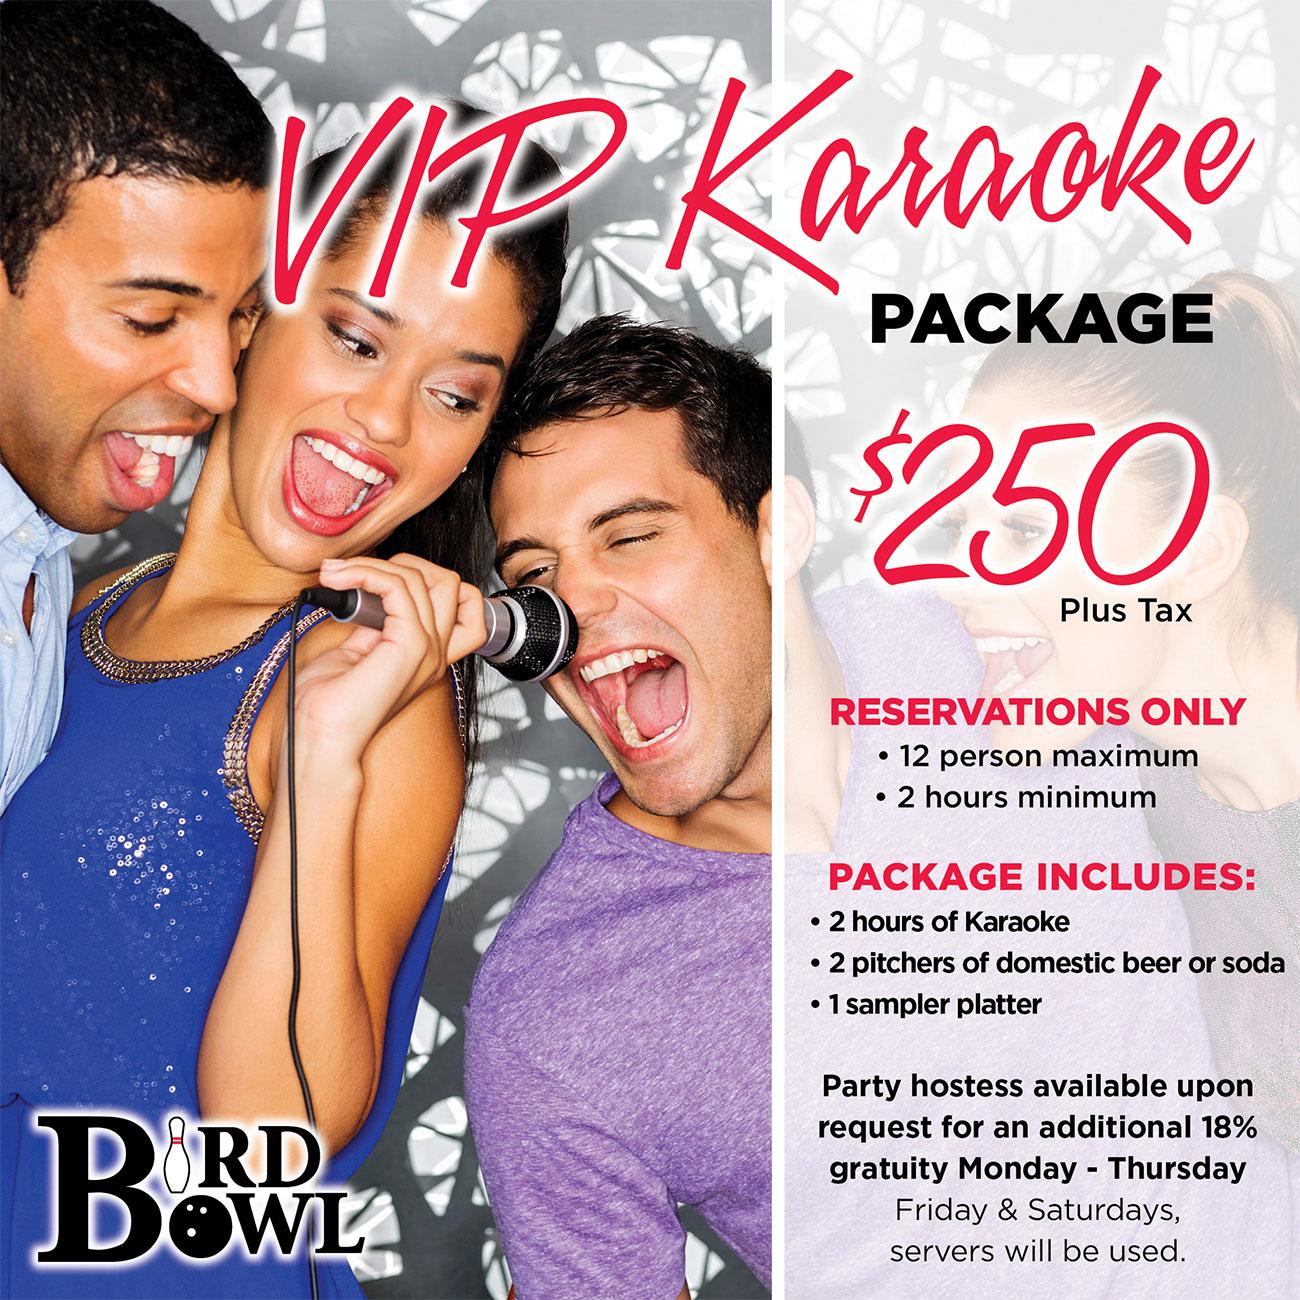 VIP Karaoke Packages